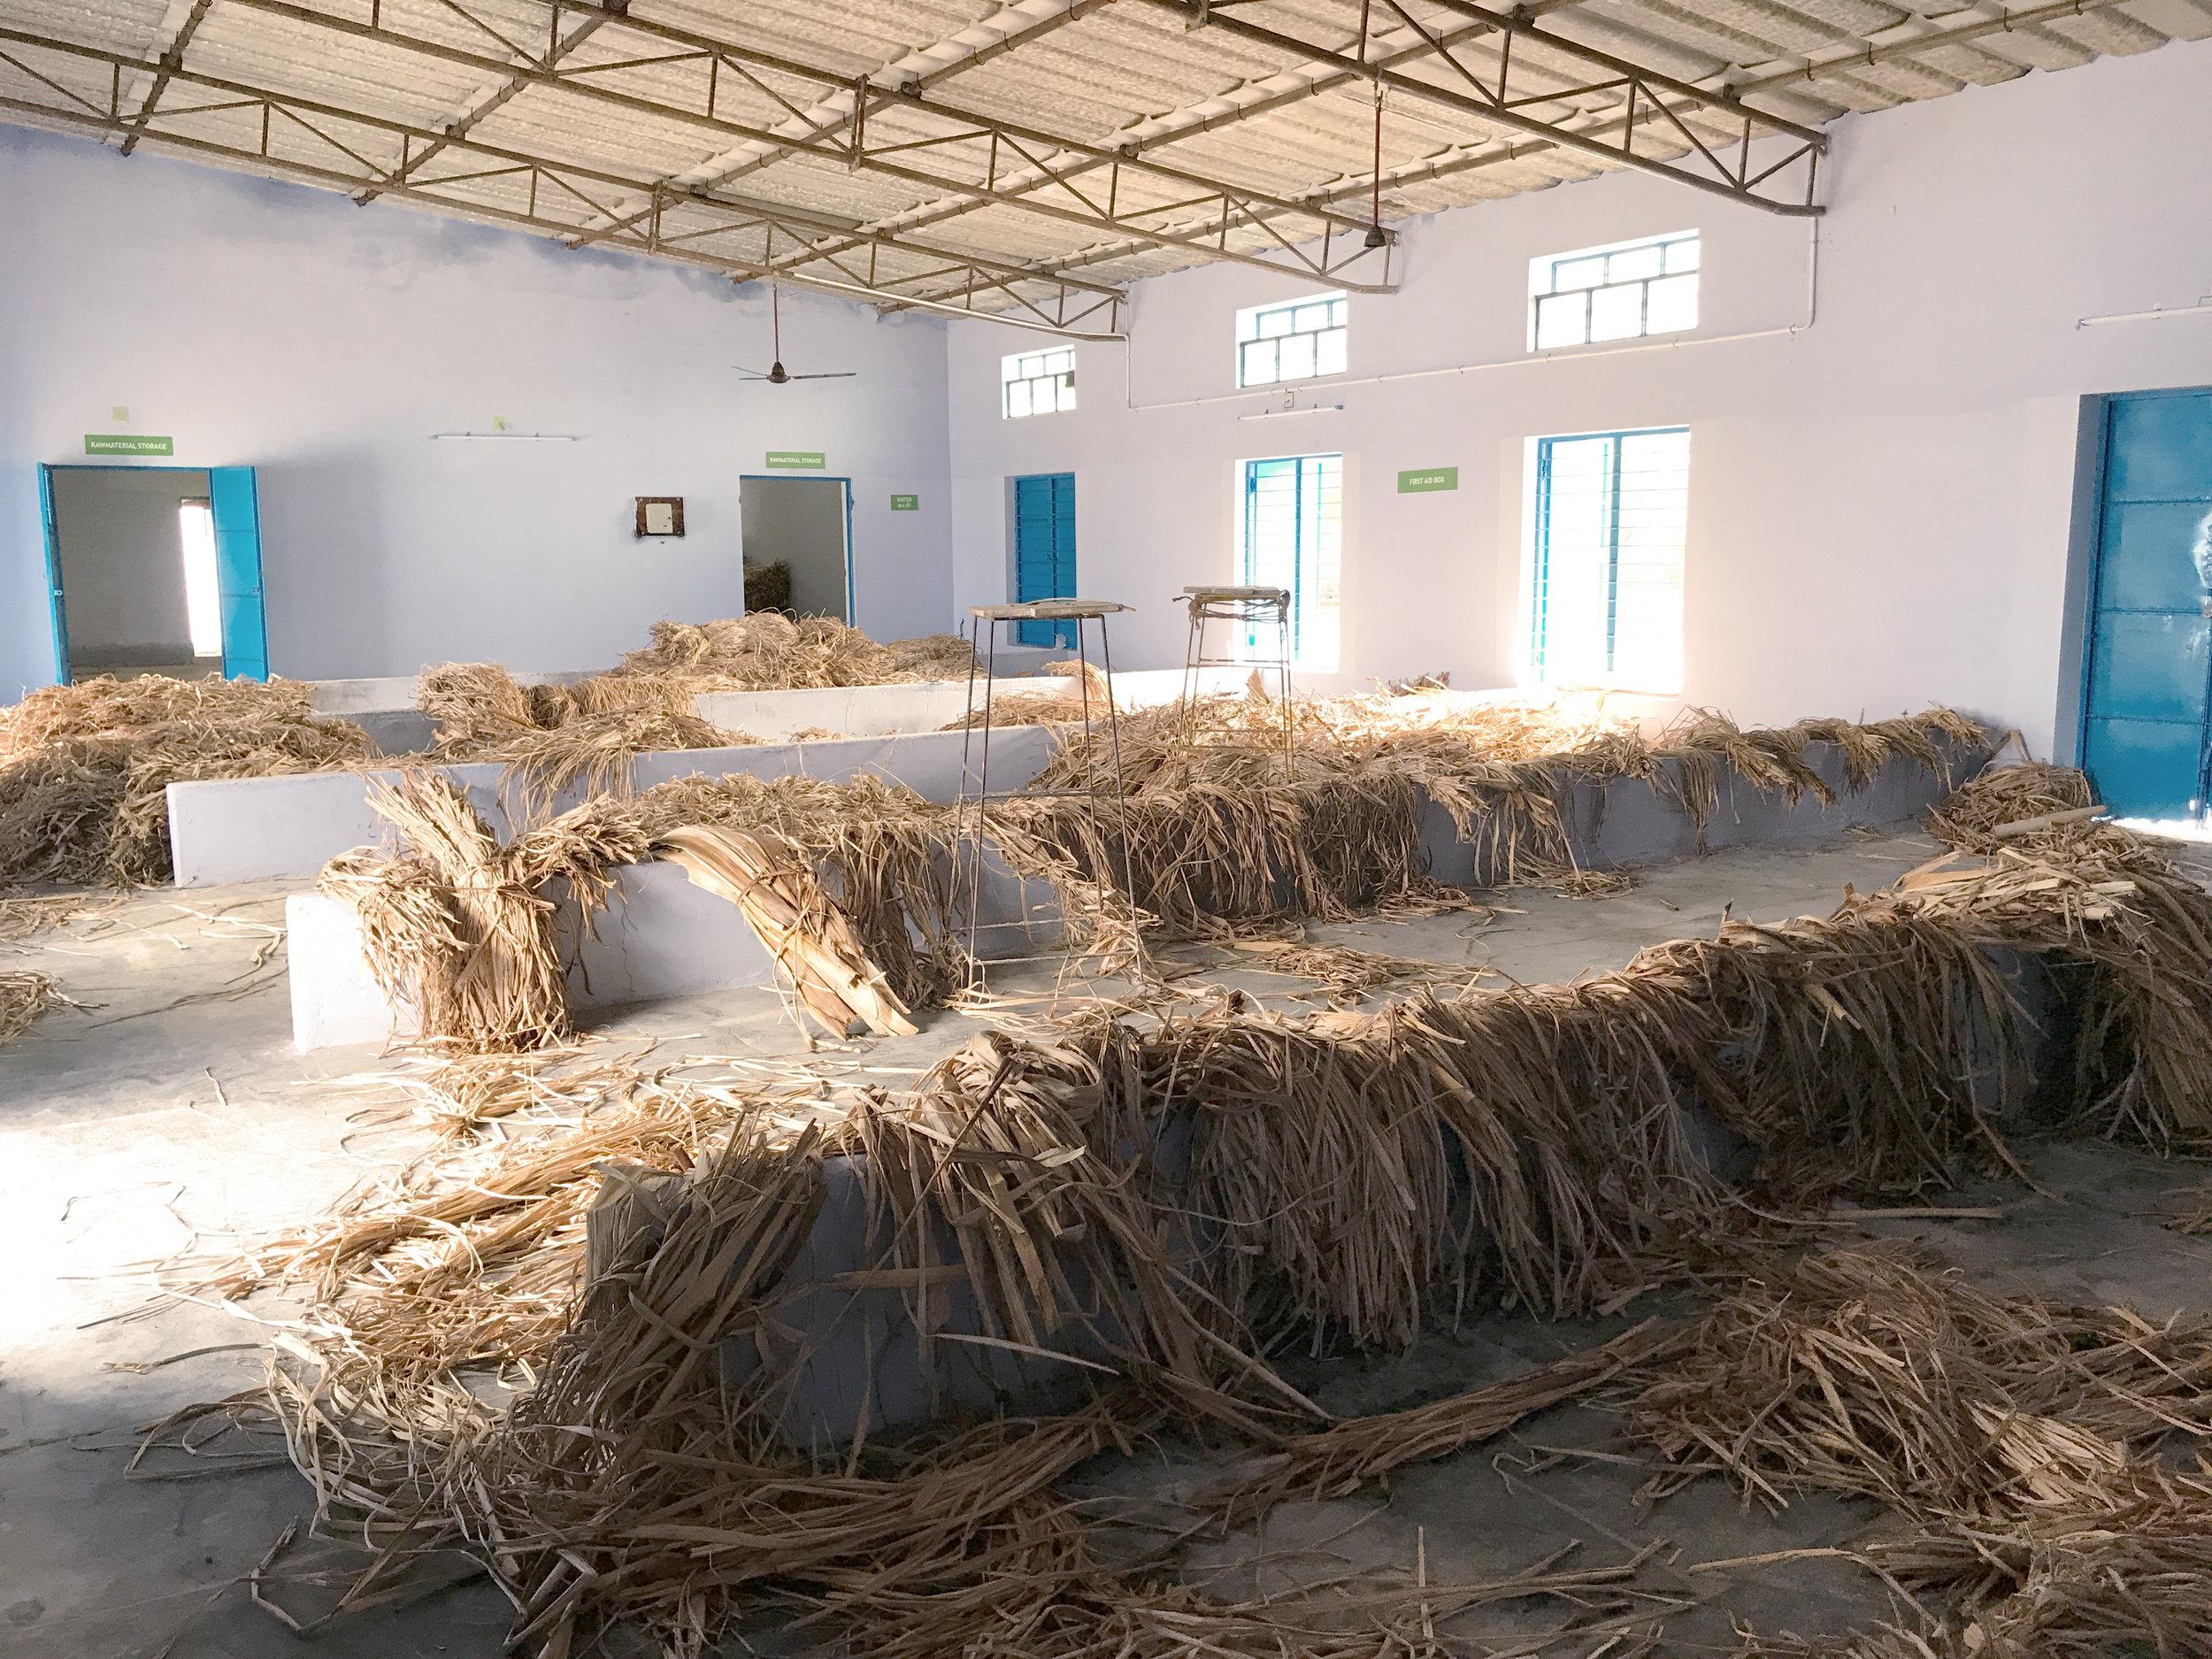 Die Bananenfasern werden in grossen Hallen getrocknet.